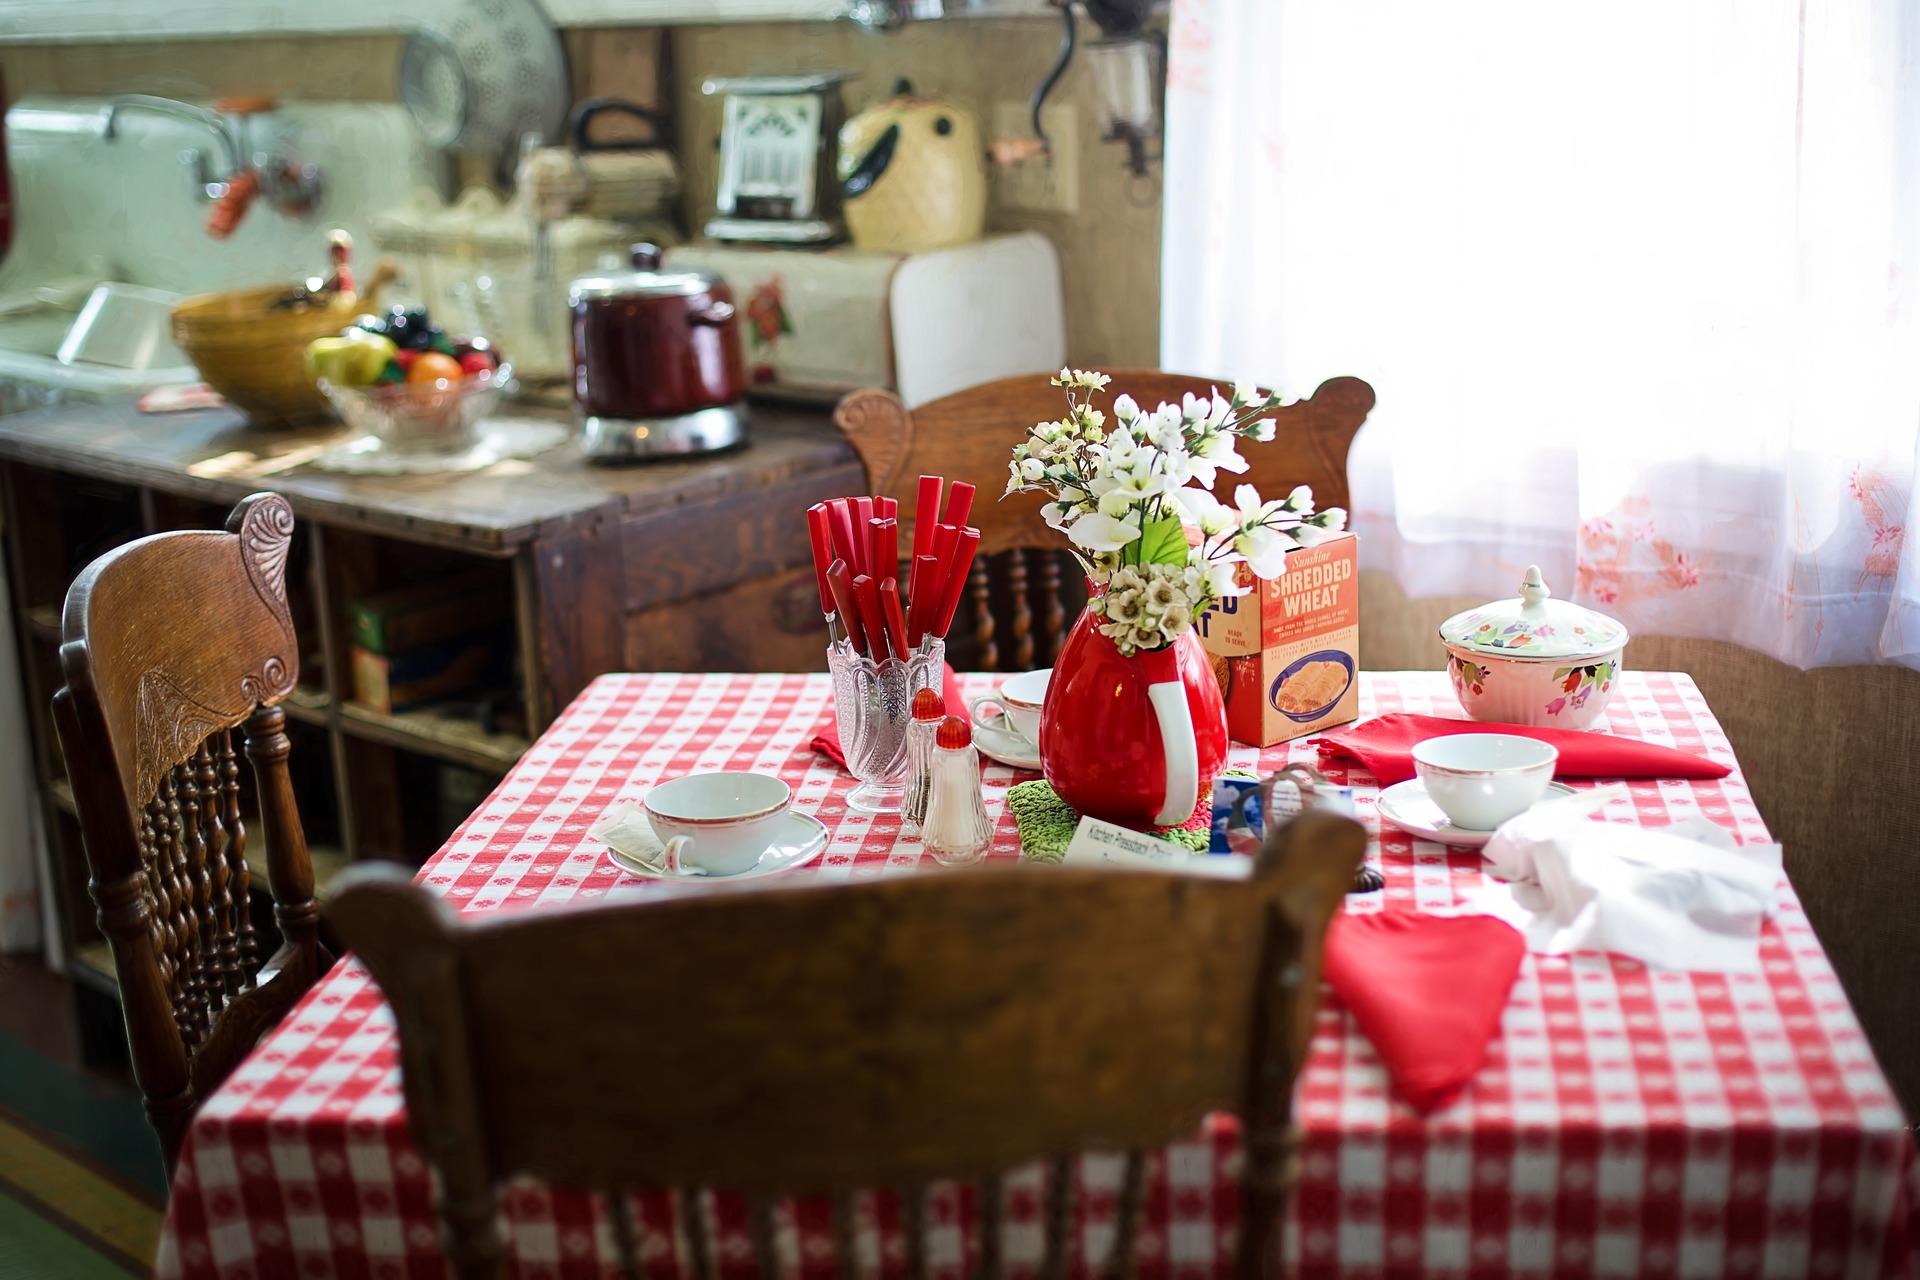 Kuchyni by ste mali venovať zvýšenú pozornosť. Nezabudnite pretriediť potraviny a skontrolovať by ste mali aj špajzu. Zbavte sa tiež zbytočností v kuchyni, ktoré aj tak nepoužívate.